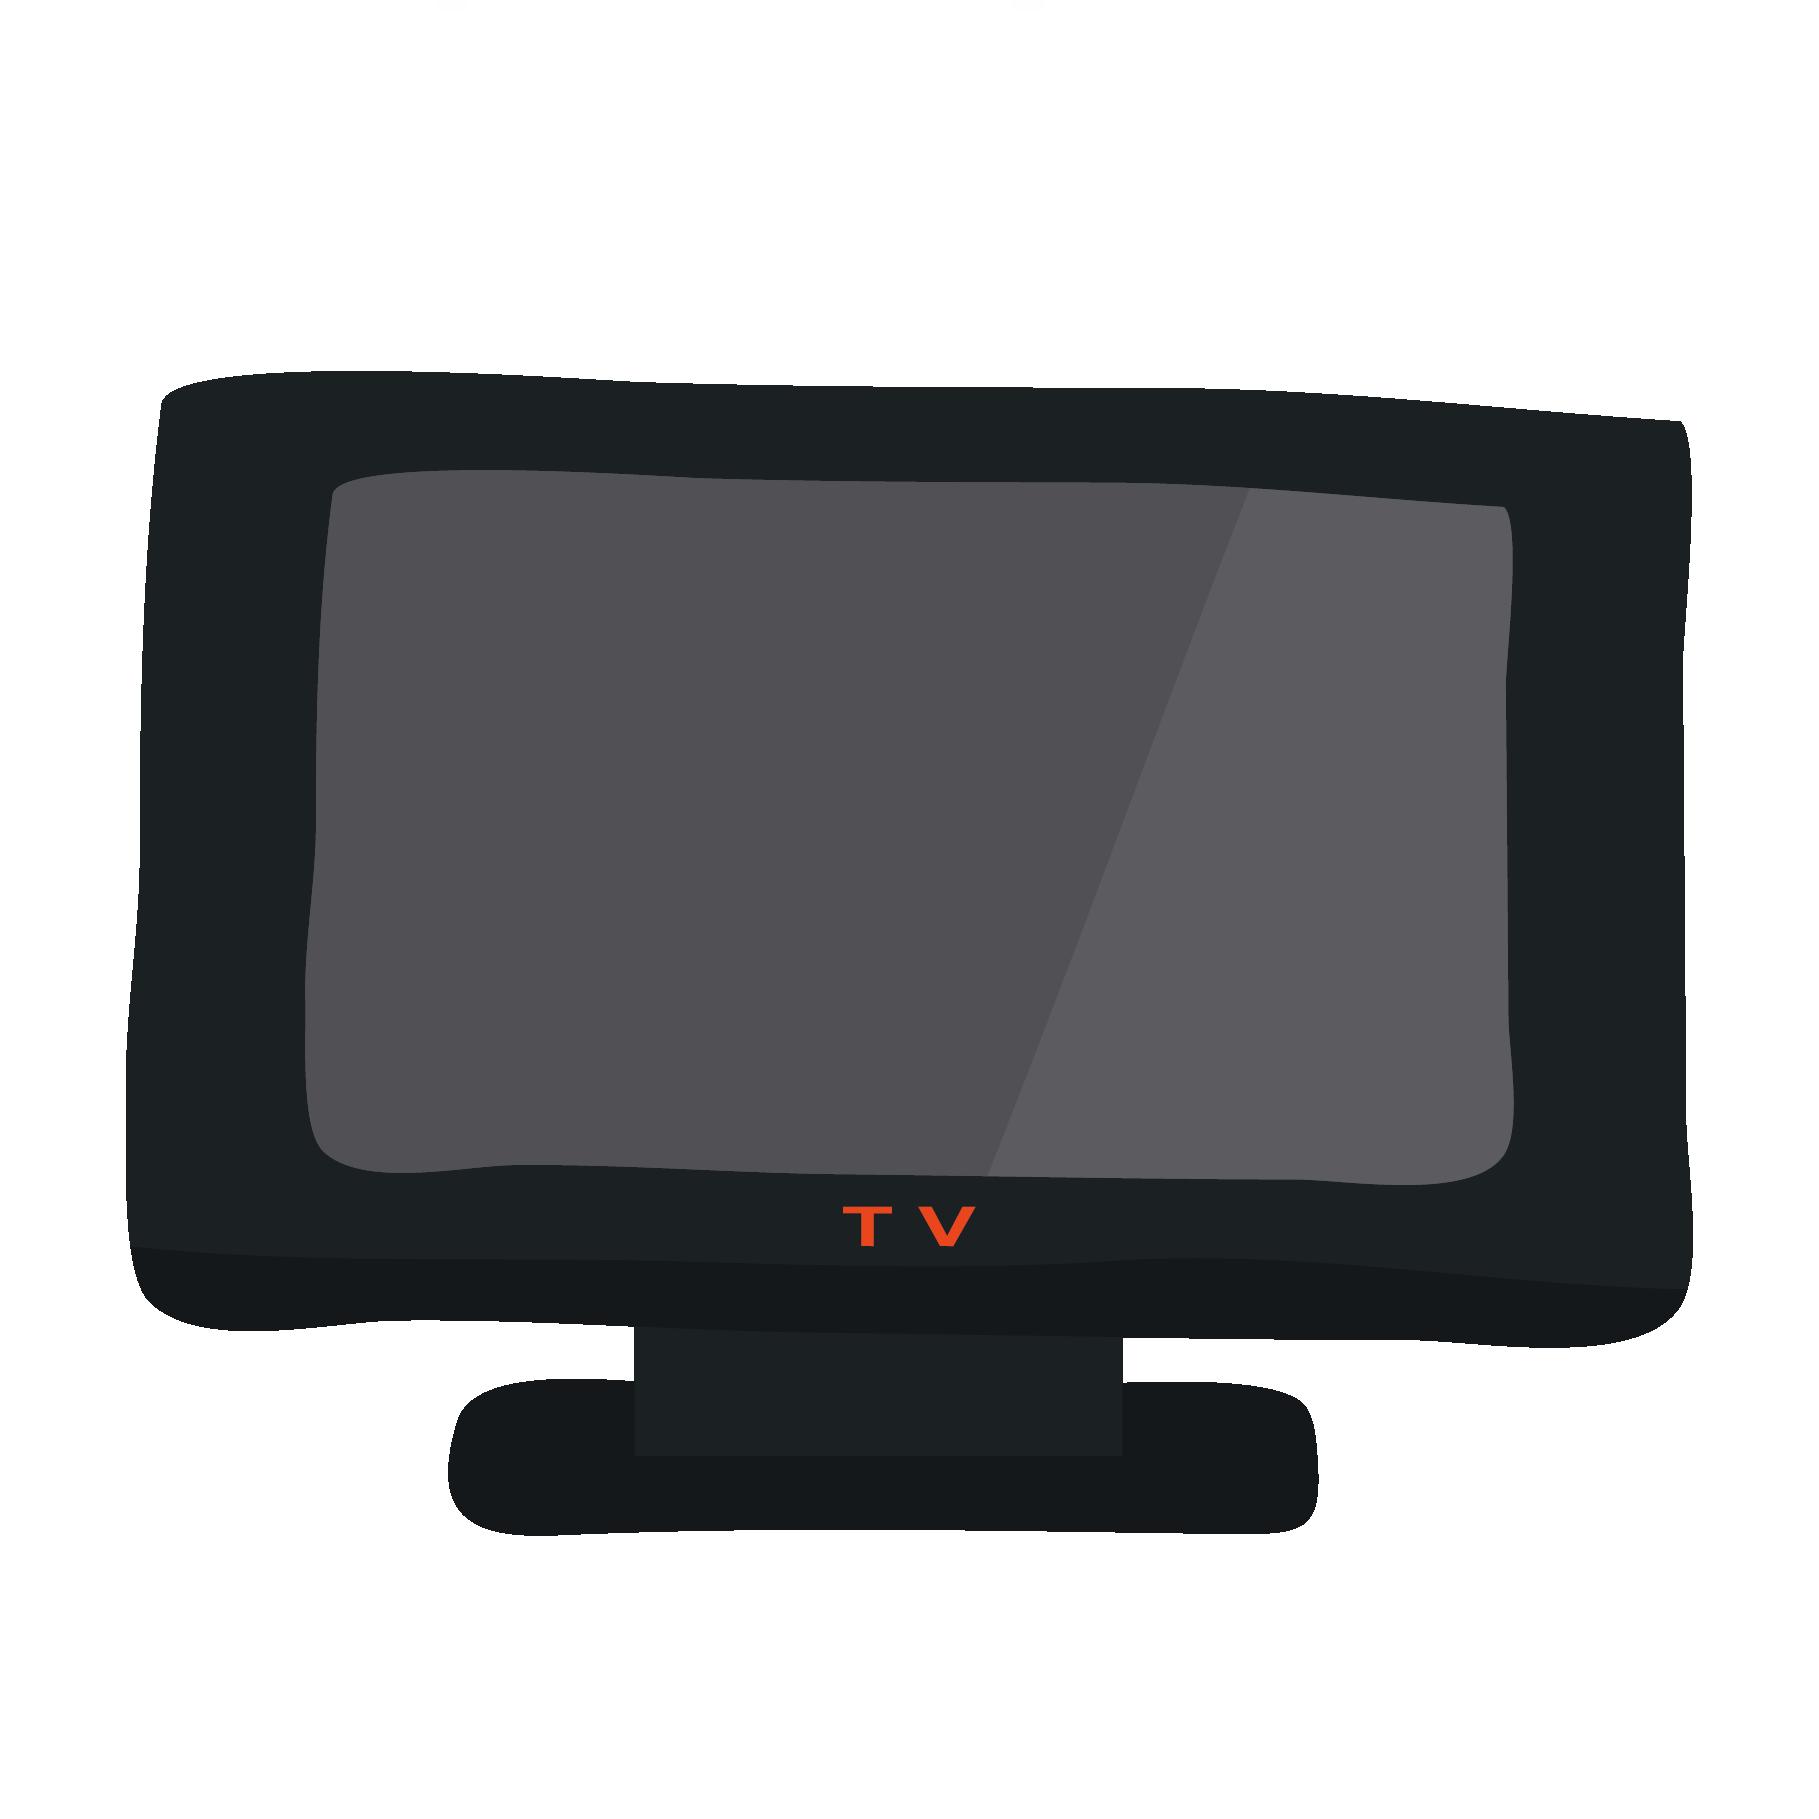 テレビ(てれび・tv)のイラスト【電化製品】 | 商用フリー(無料)の